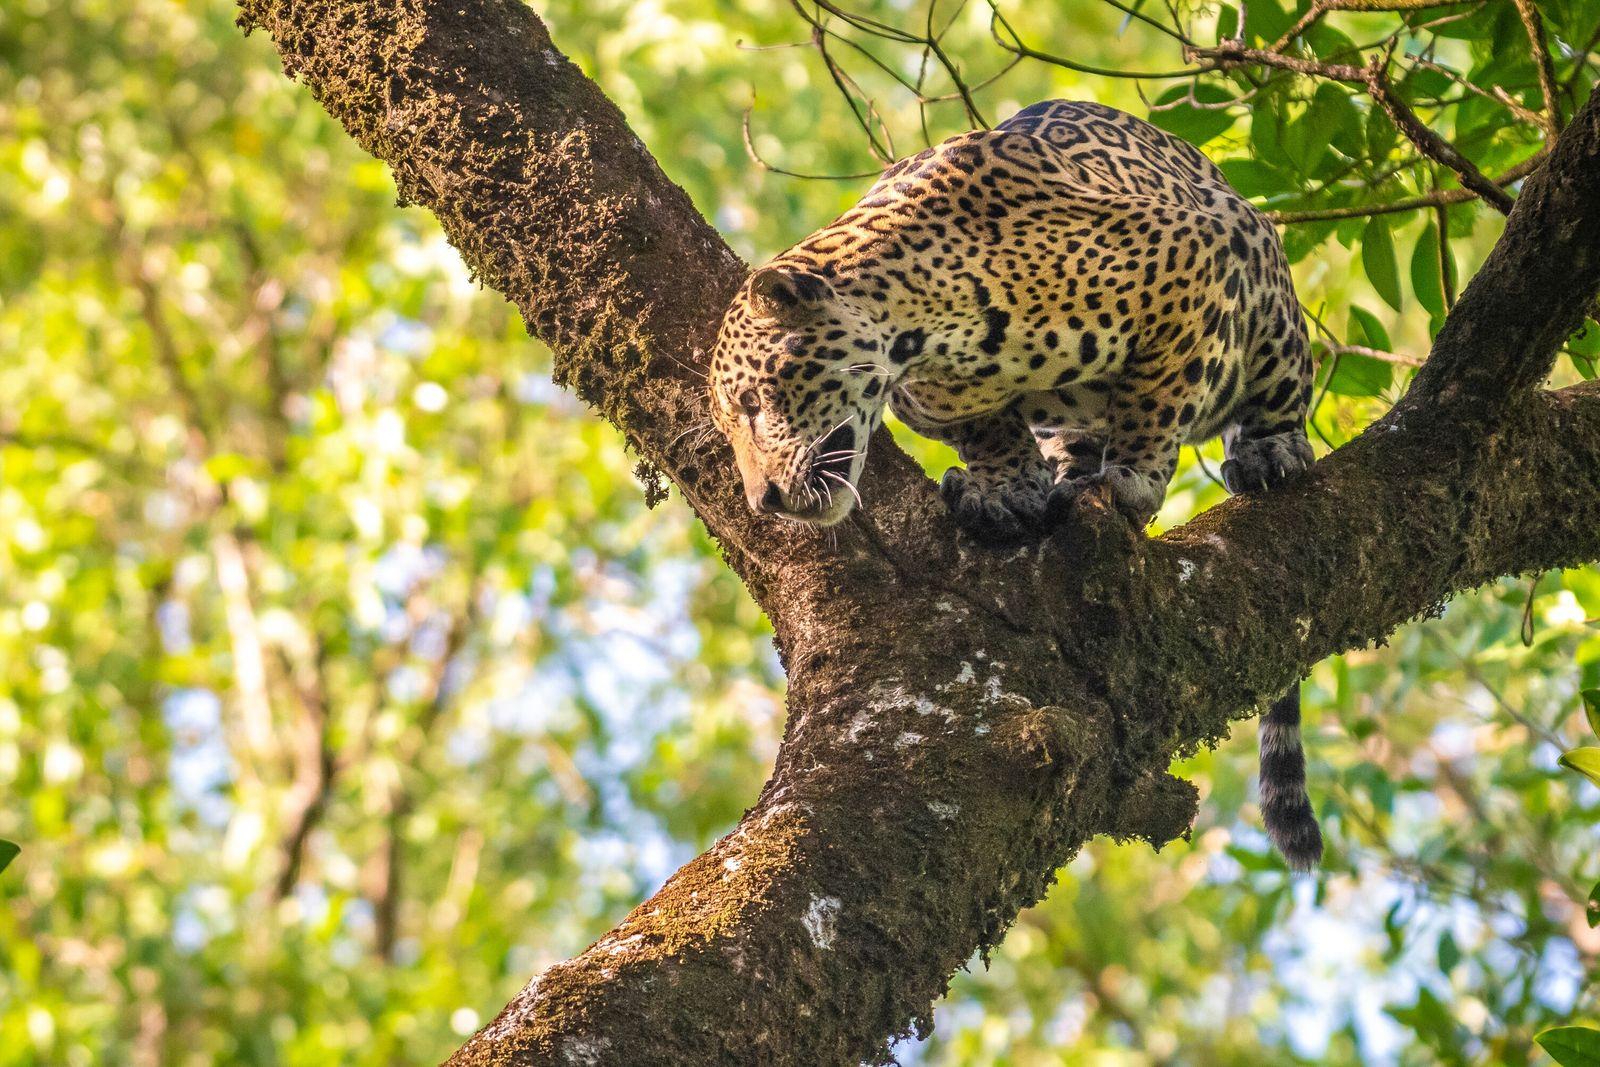 Nas florestas de várzea, as onças-pintadas (Panthera onca) agem de forma diferente de qualquer outro grande ...